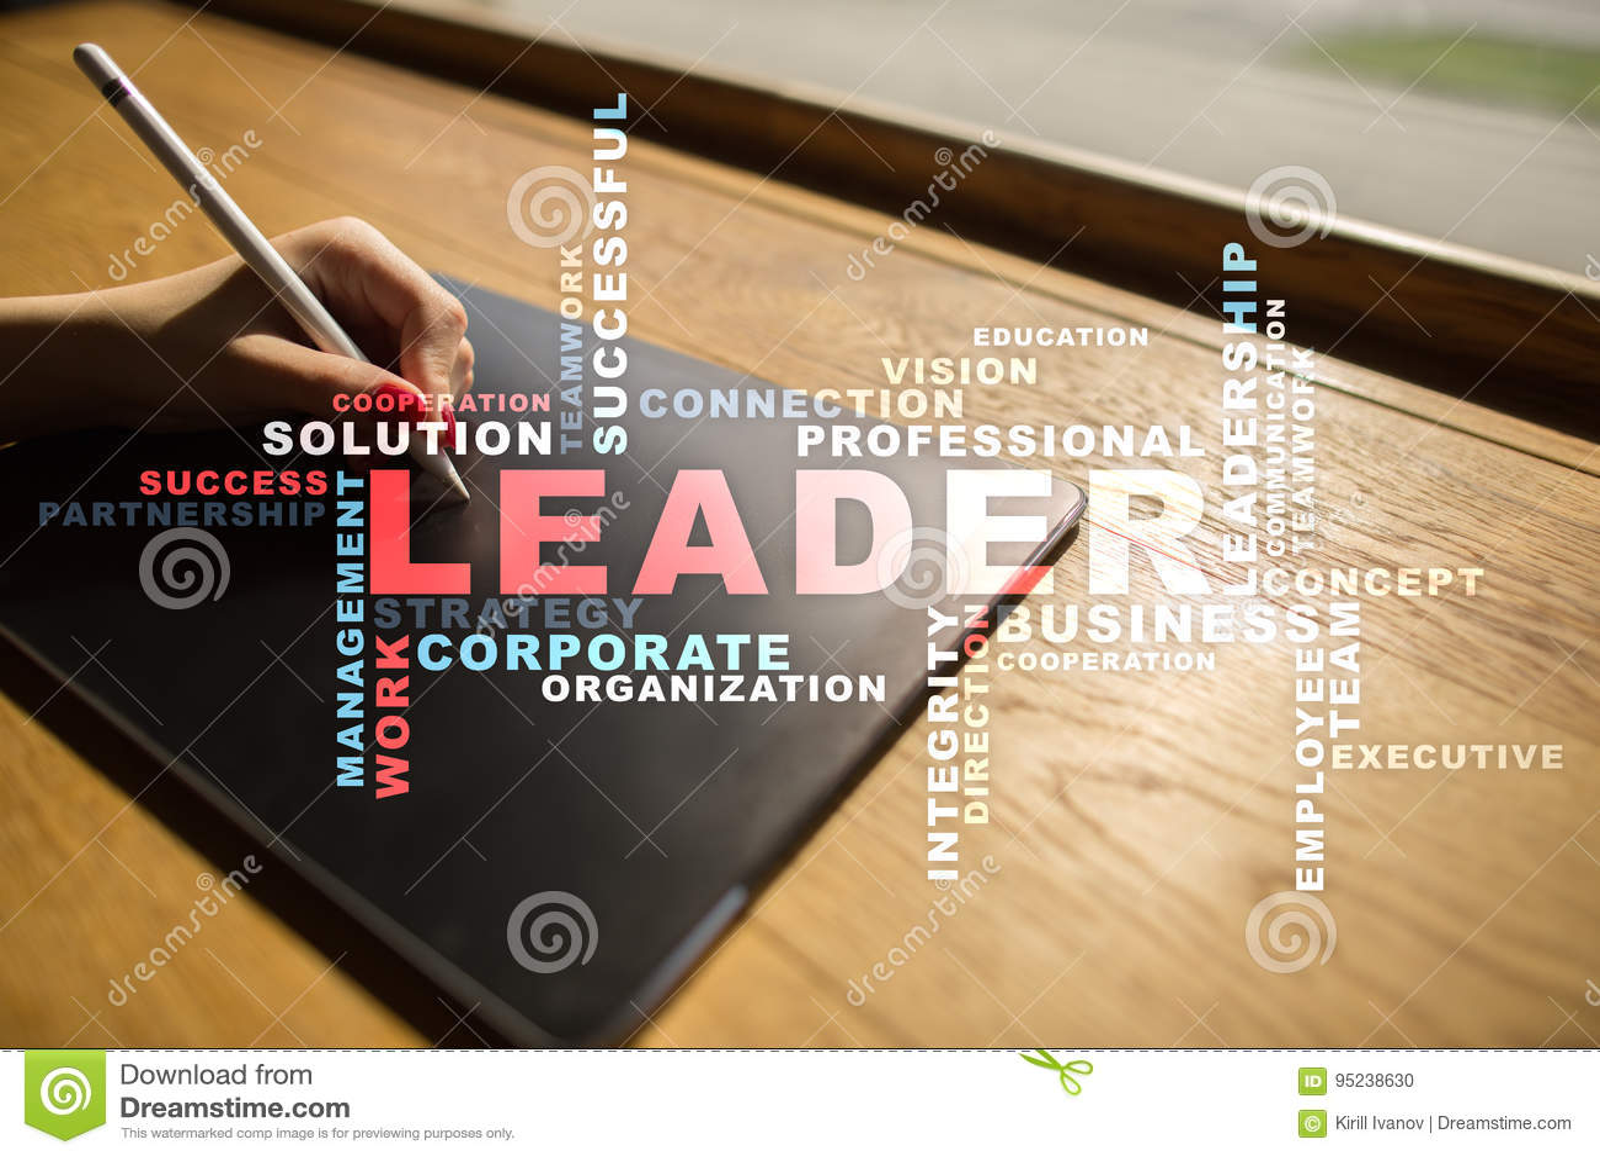 Führer Führung Teambuilding Die goldene Taste oder Erreichen für den Himmel zum Eigenheimbesitze Wortwolke